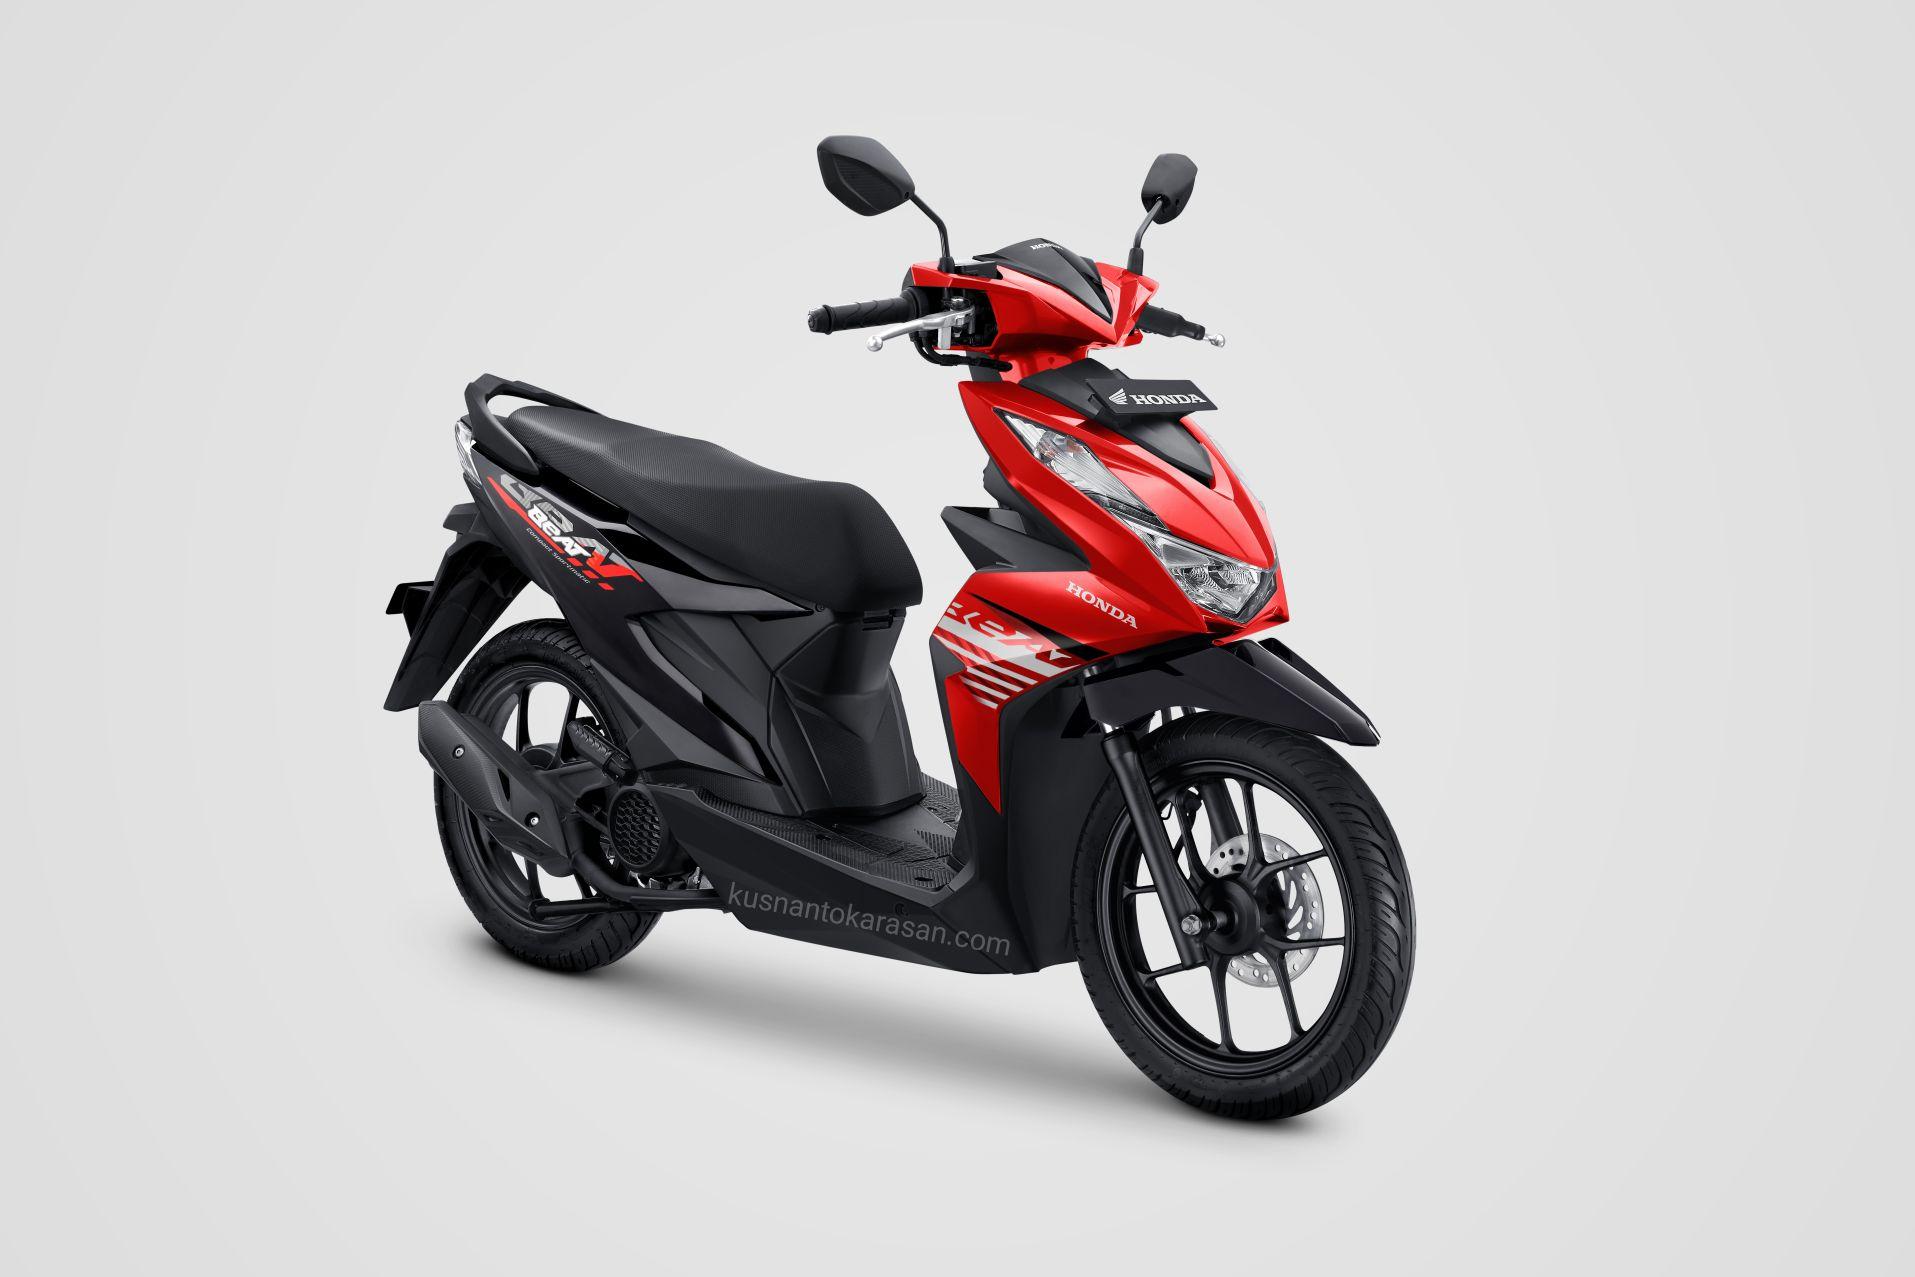 Beli motor seken tegal terbaru di blibli ✔️ produk original ✔️ gratis ongkir. Harga honda beat street 2021 | Kusnantokarasan.com